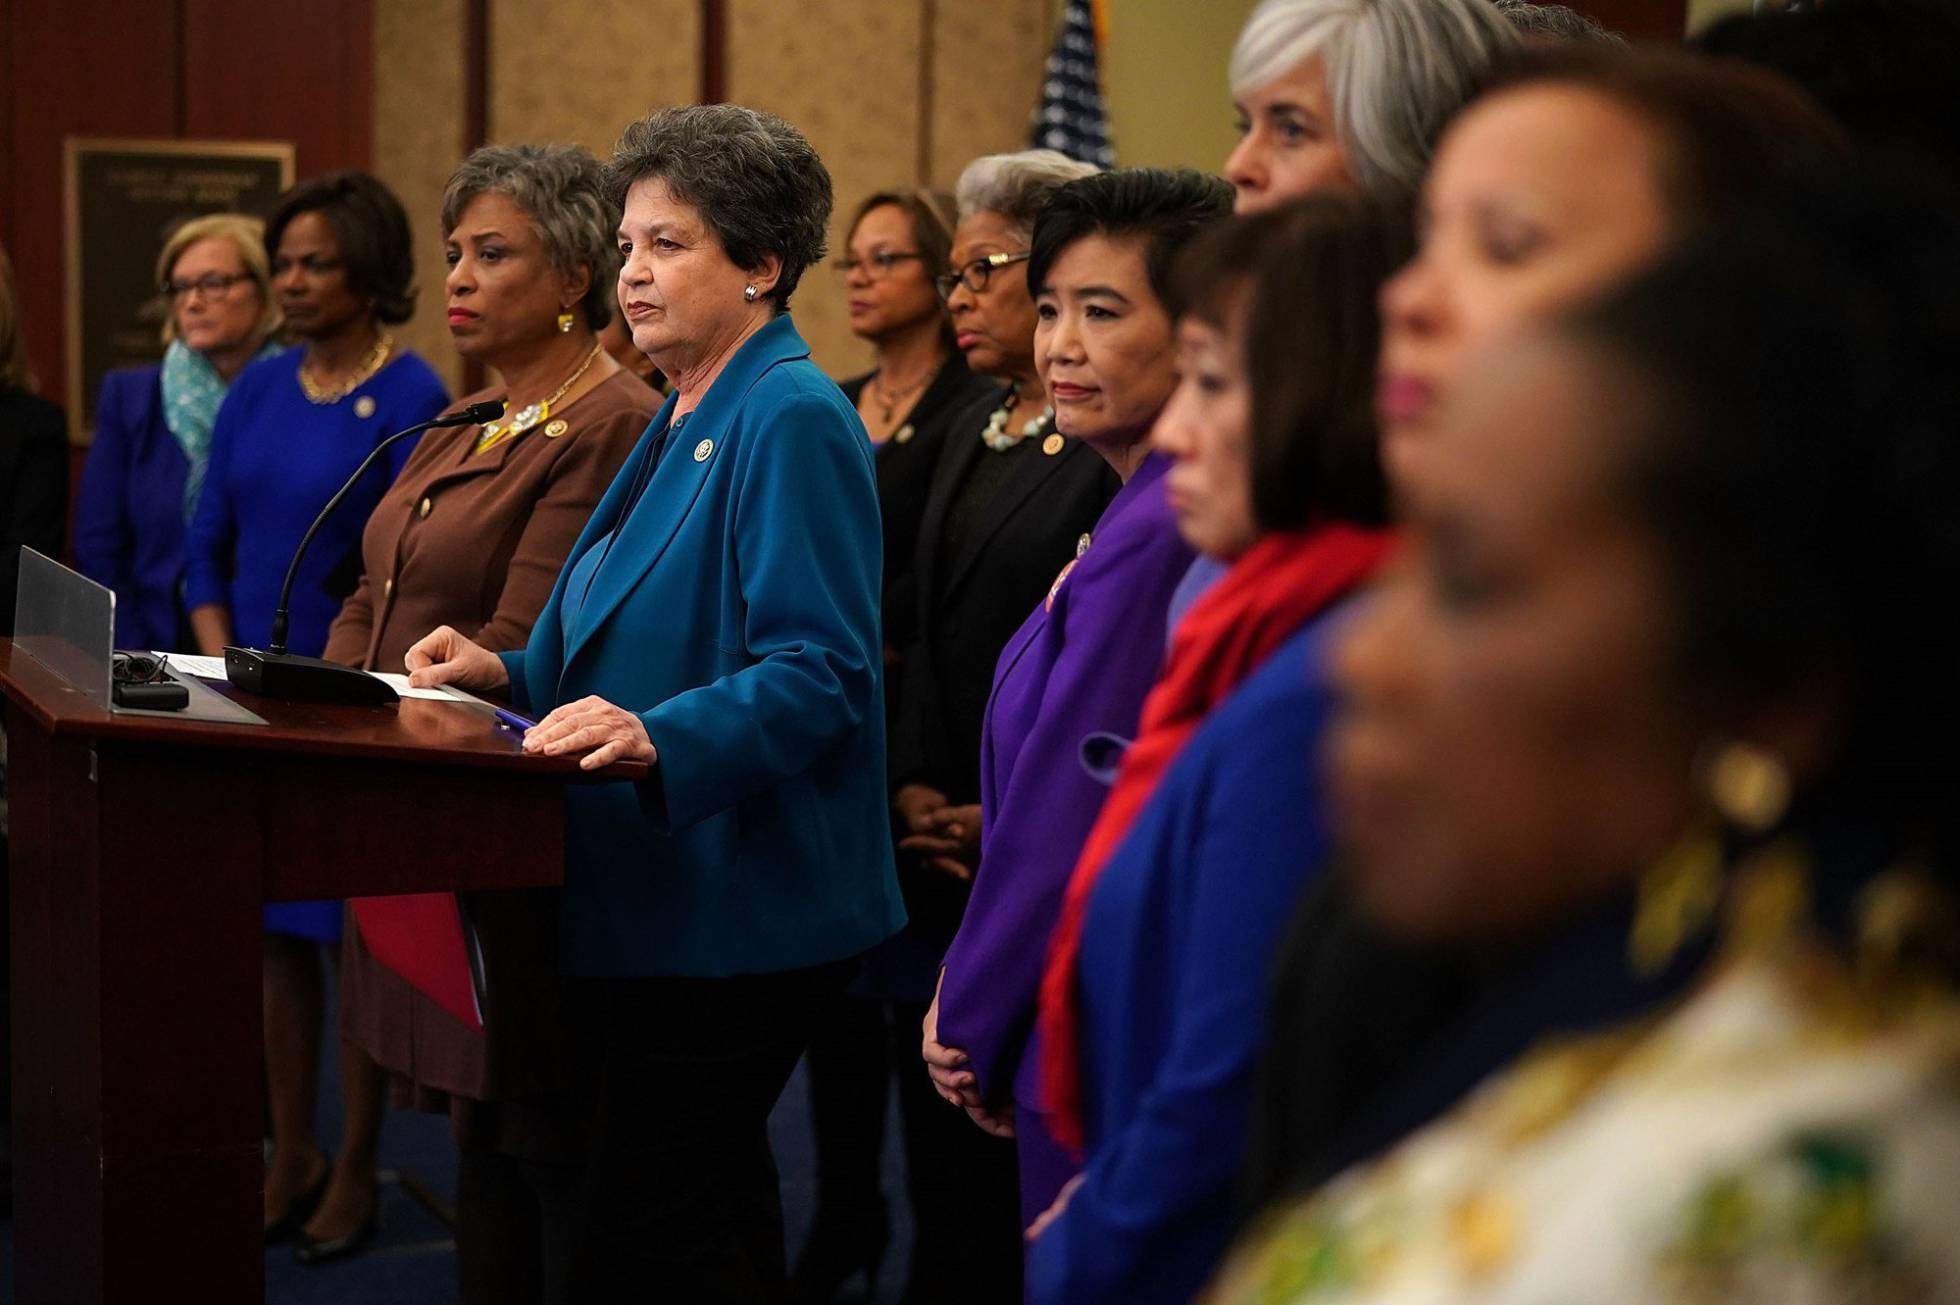 Más de 100 demócratas piden al Congreso que investigue las denuncias por acoso contra Trump